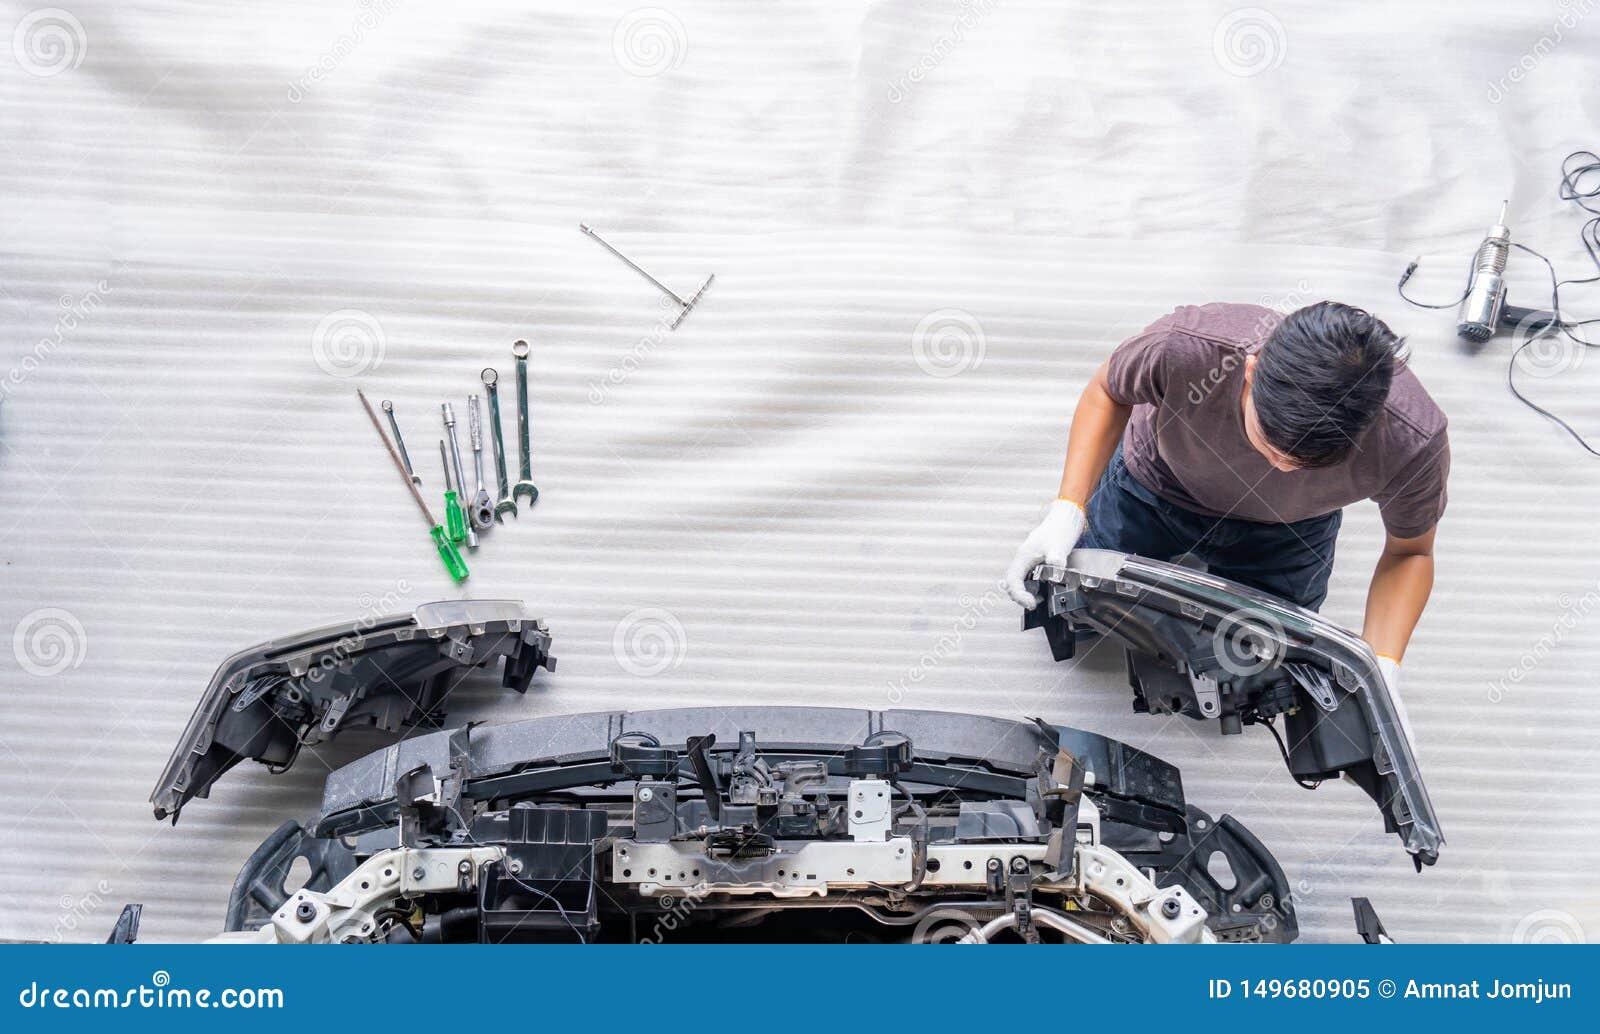 Auto mechanic is assembling car parts